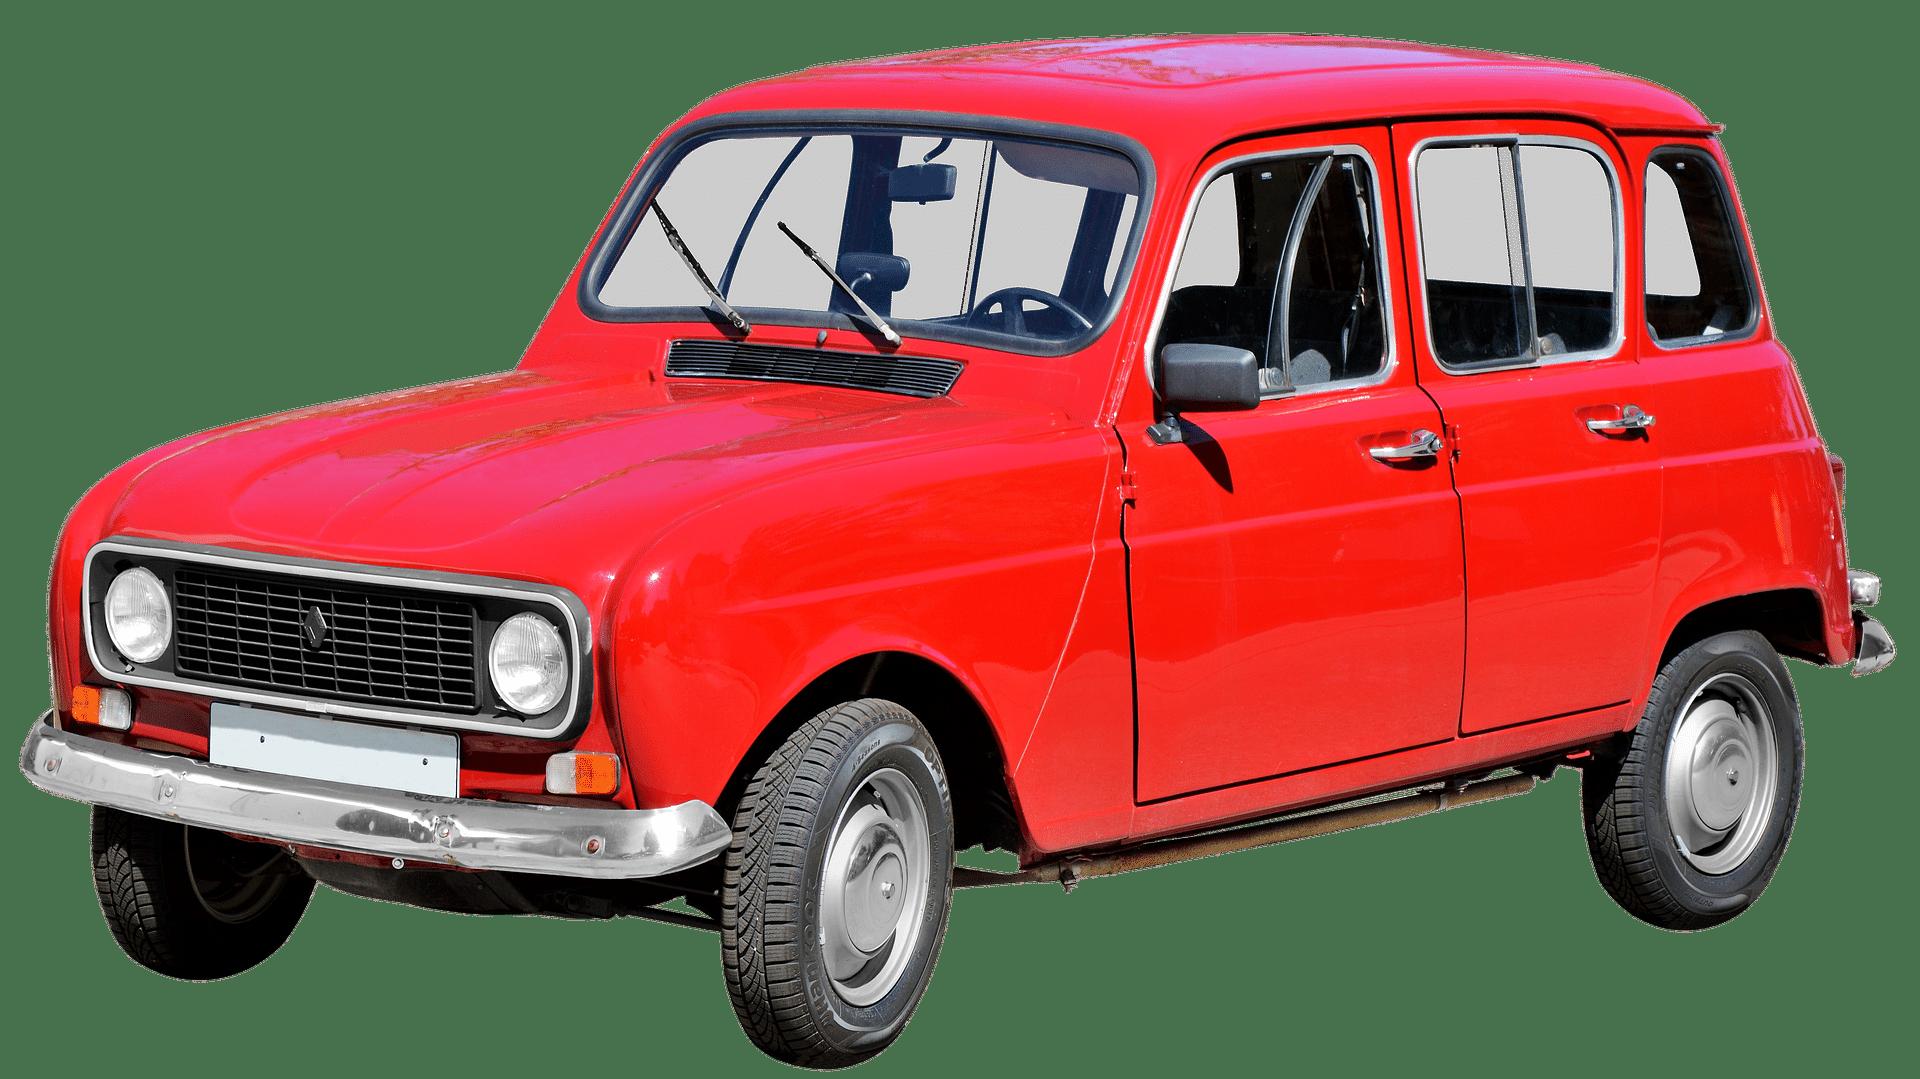 Comment obtenir le code de cessionpour l'achat d'une voiture?